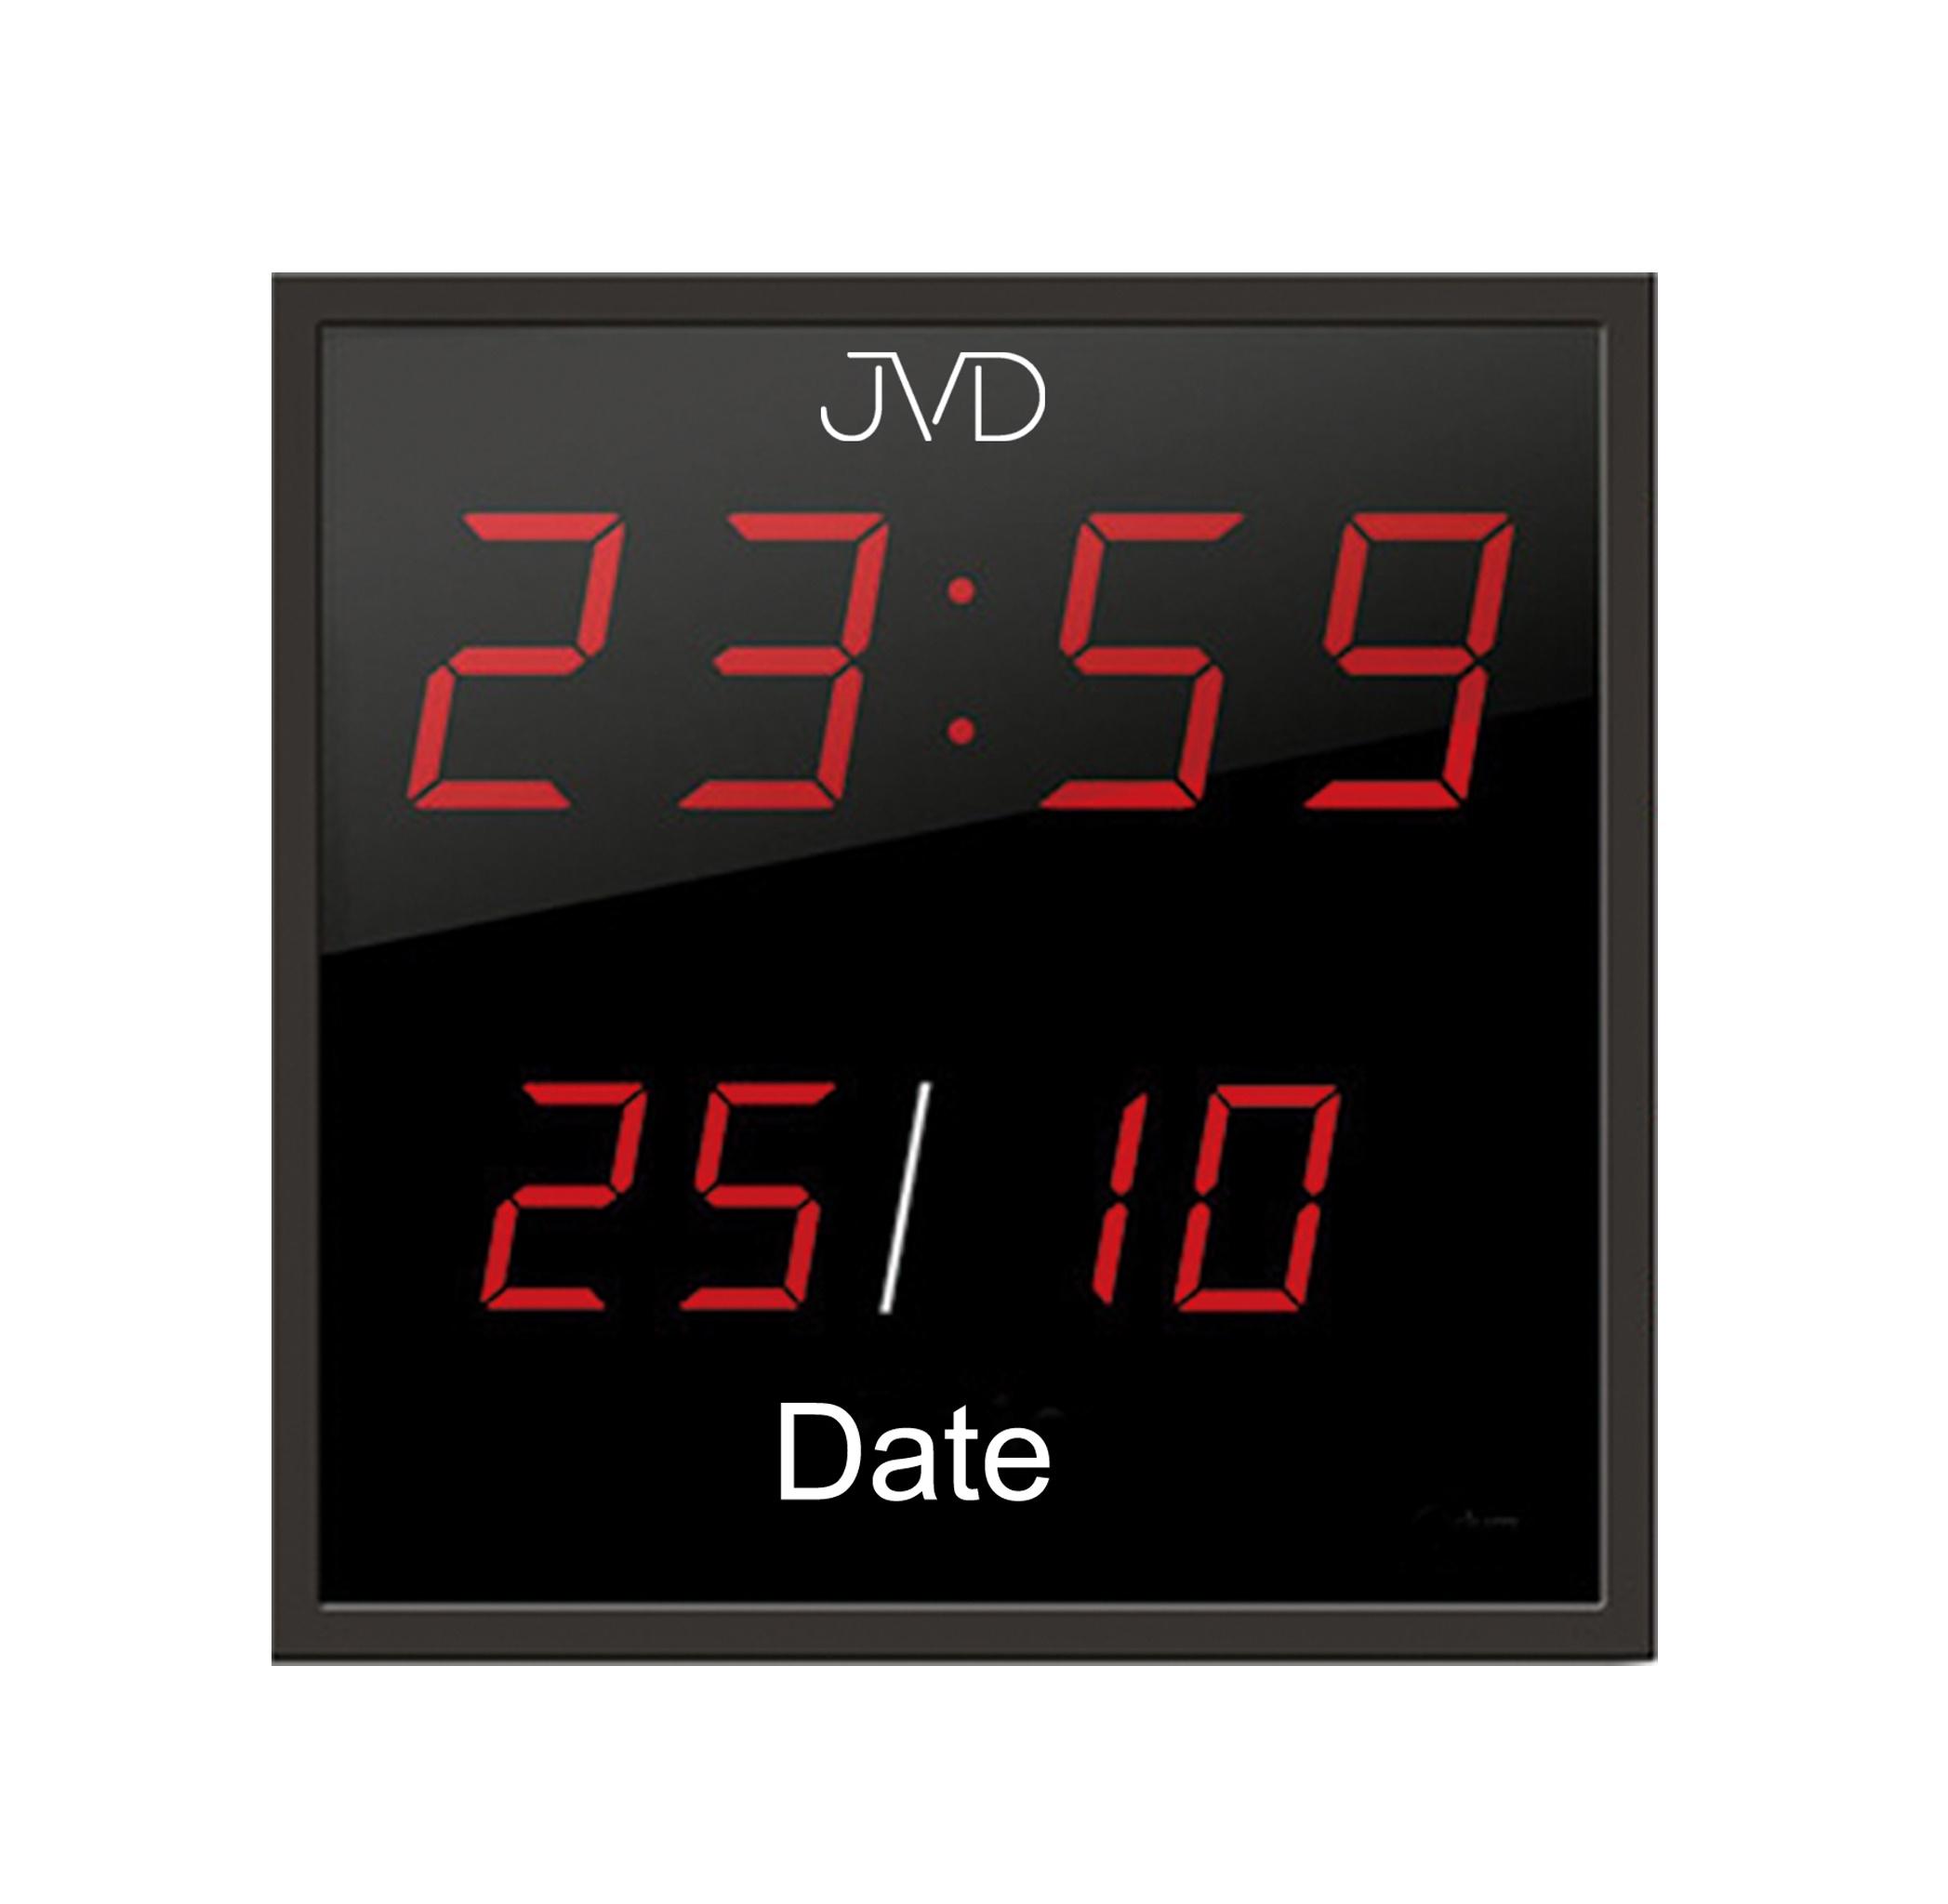 Velké svítící digitalní nástěnné hodiny JVD DH41 s červenými číslicemi (POŠTOVNÉ ZDARMA)